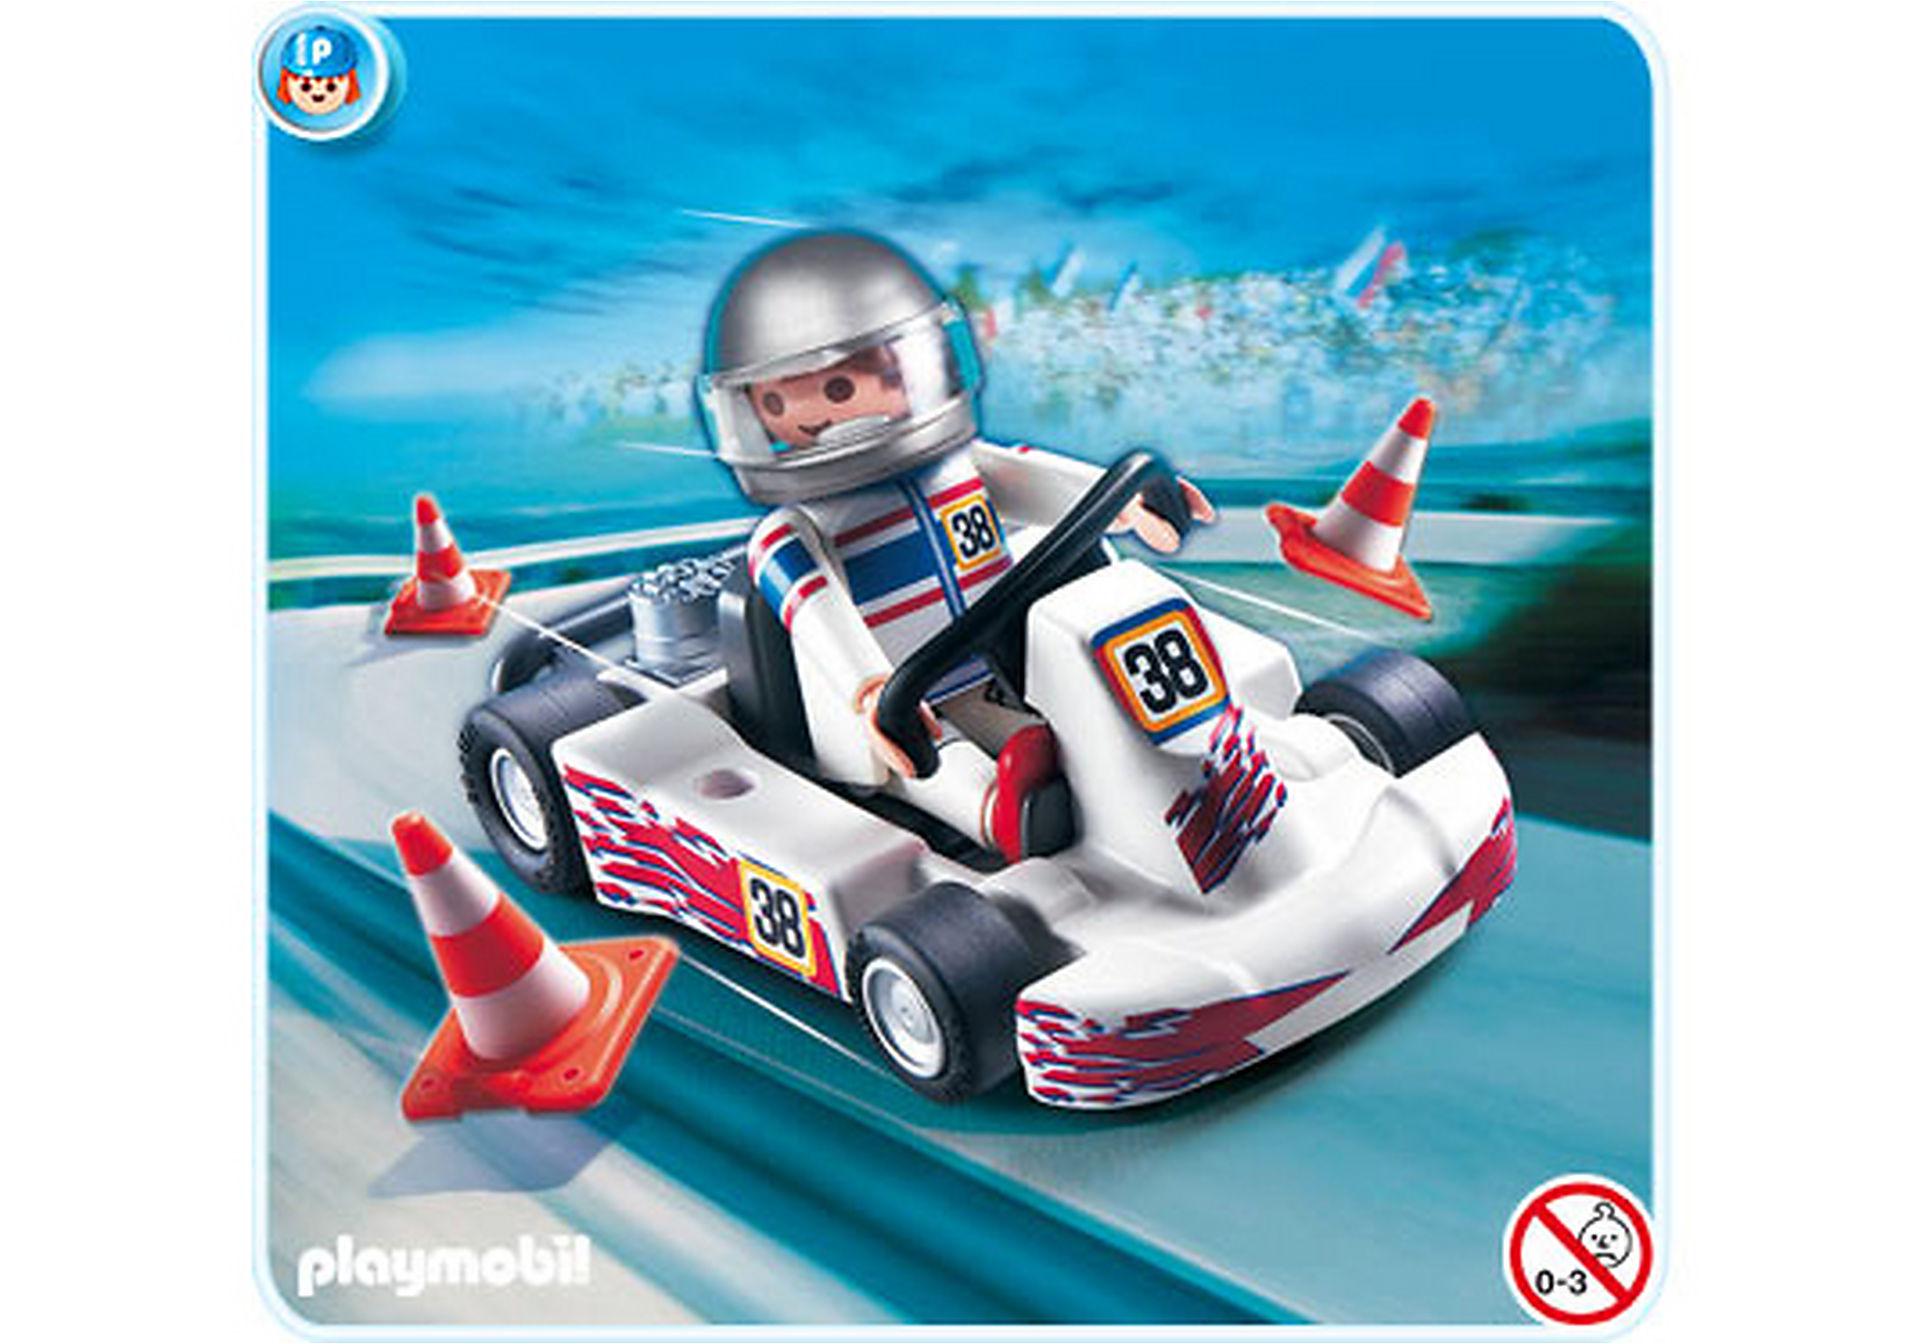 4932-A Rennfahrer mit Go-Kart zoom image1